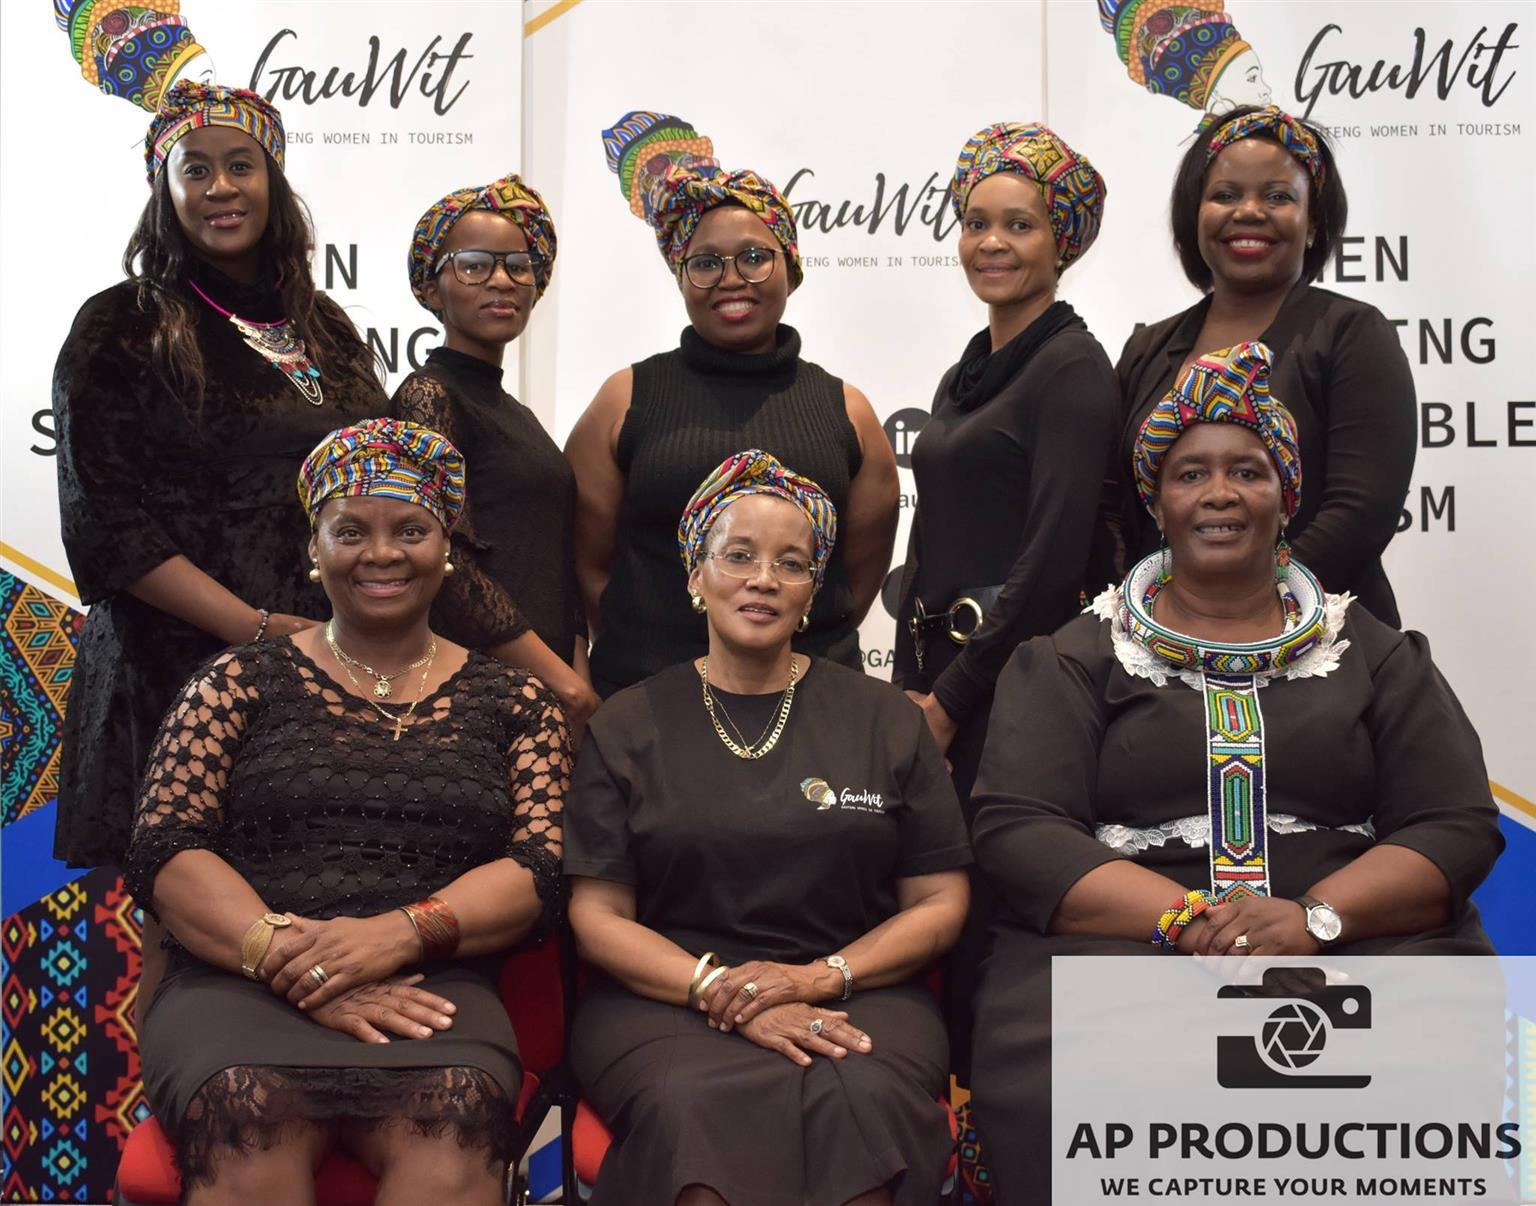 AP Productions SA Photographer and Videographer